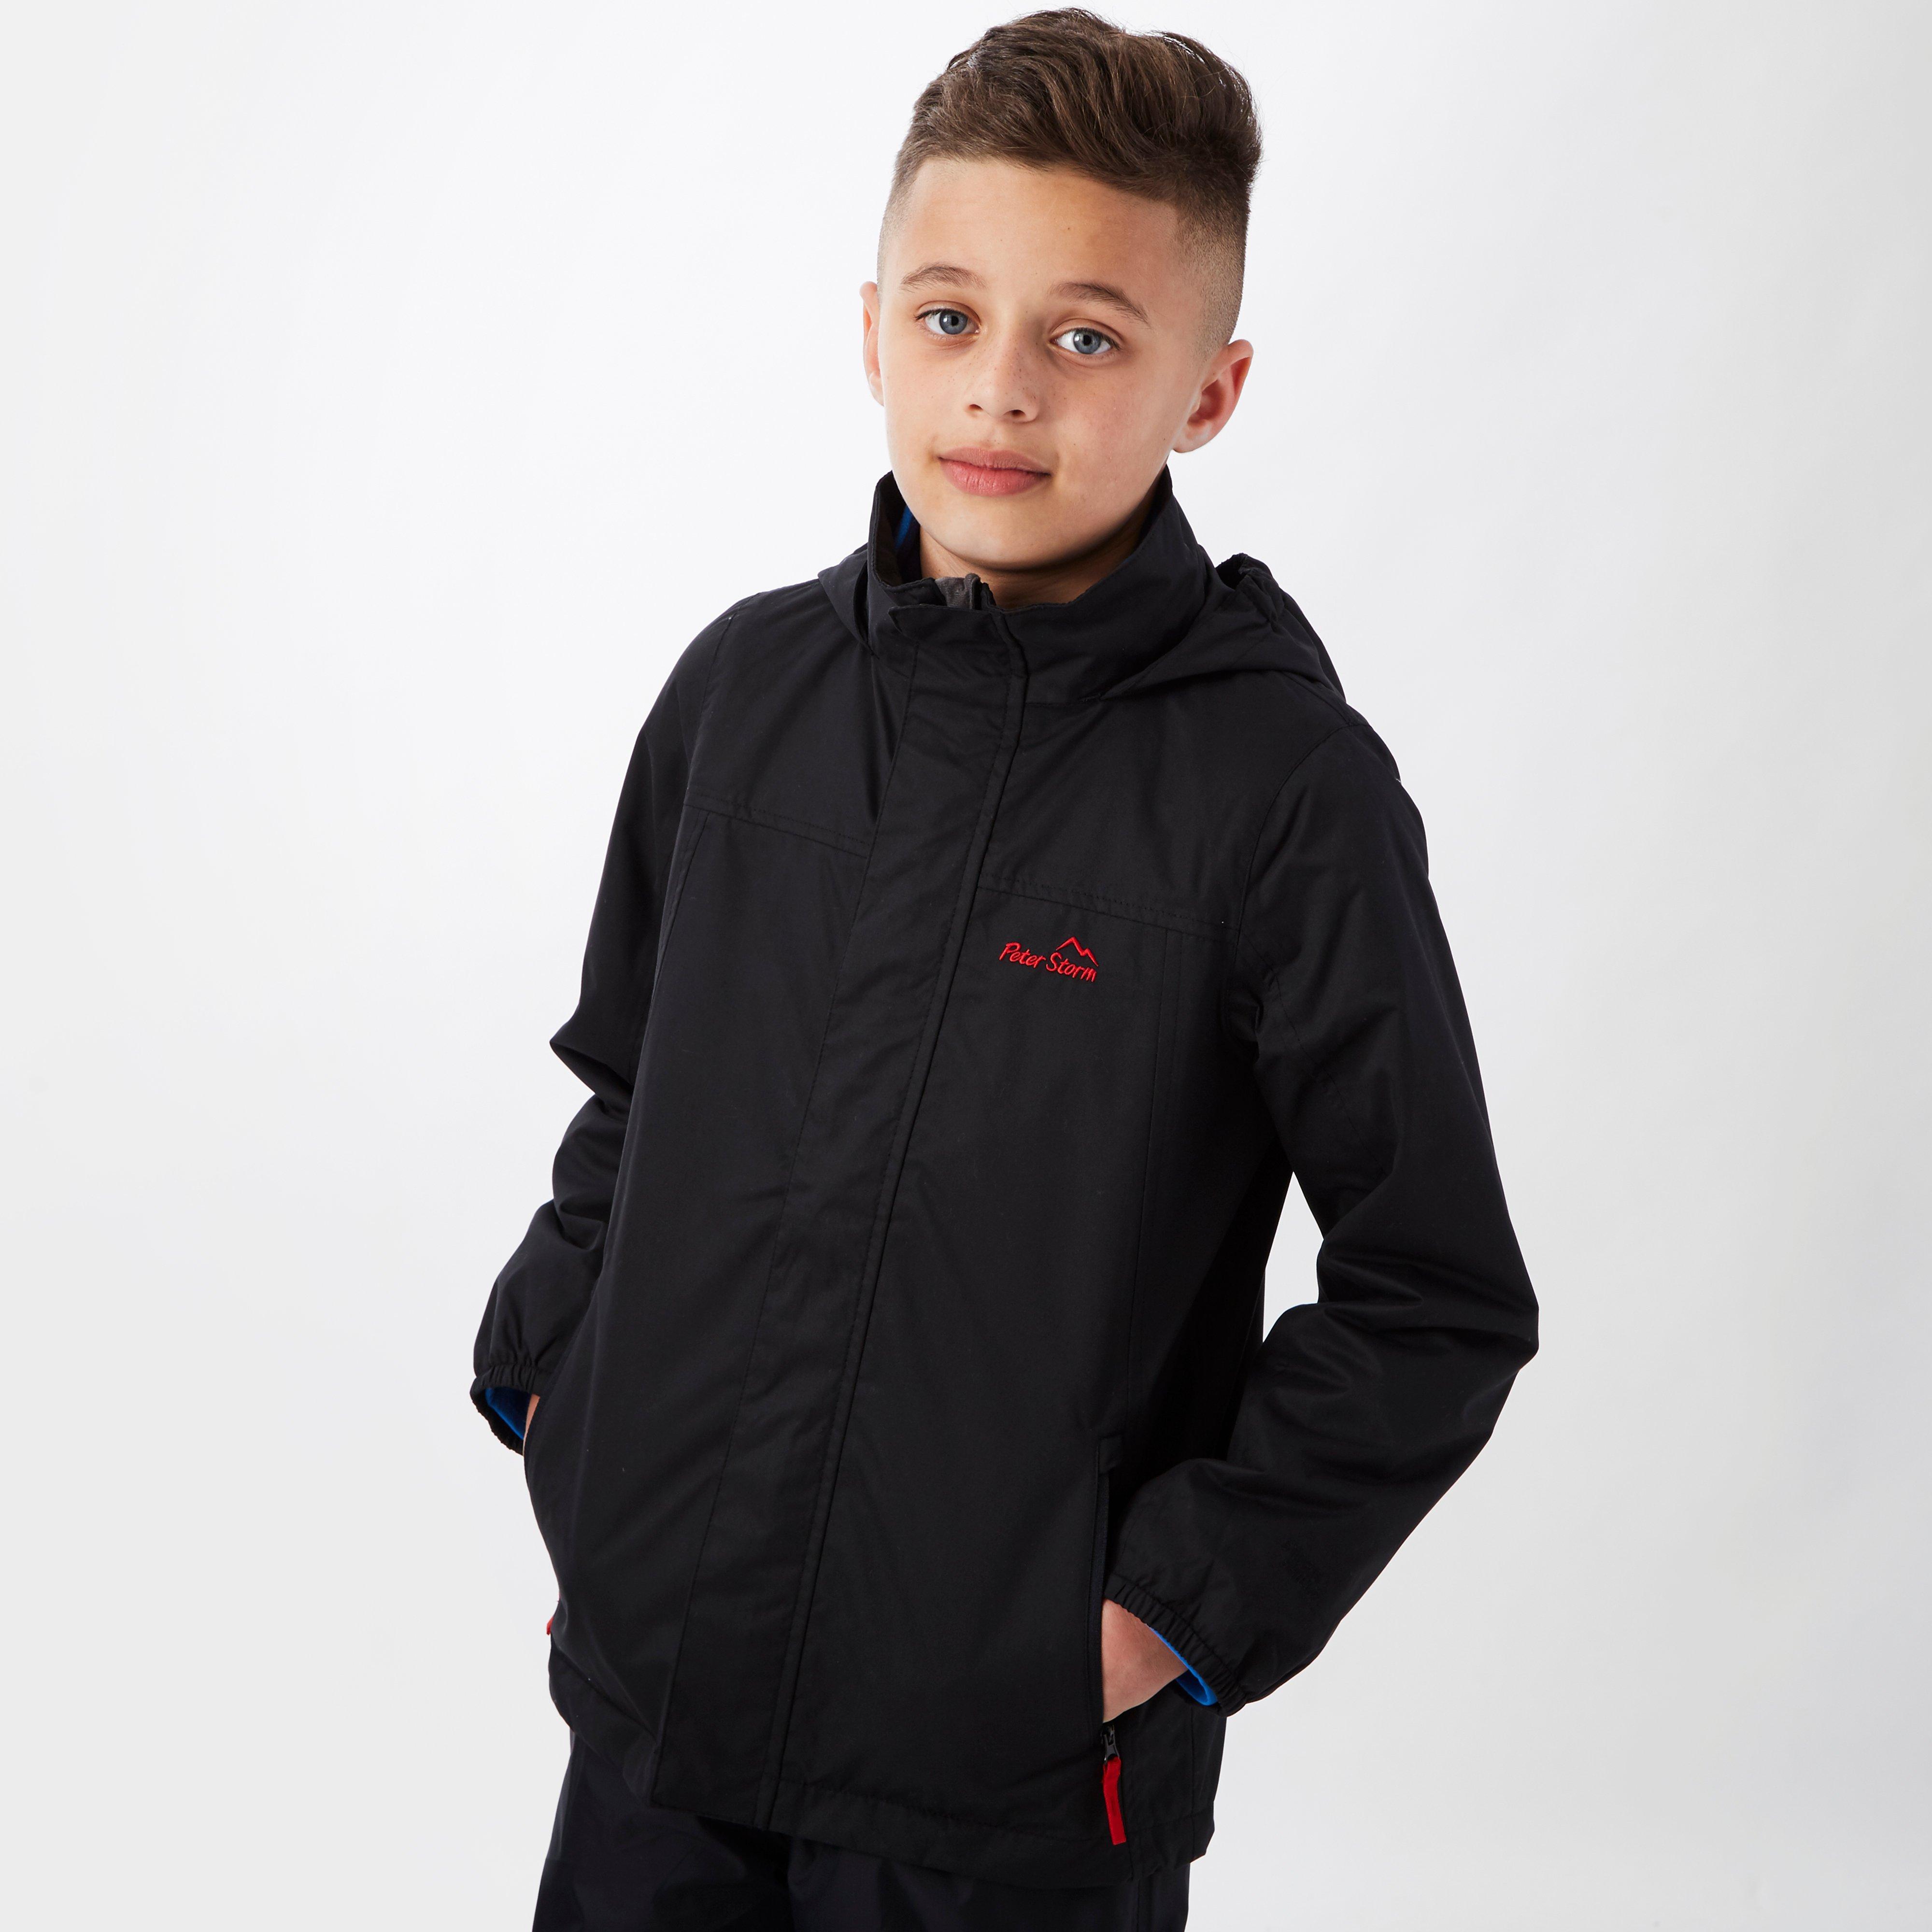 Photo of Peter storm kids peter ii waterproof jacket - black- black